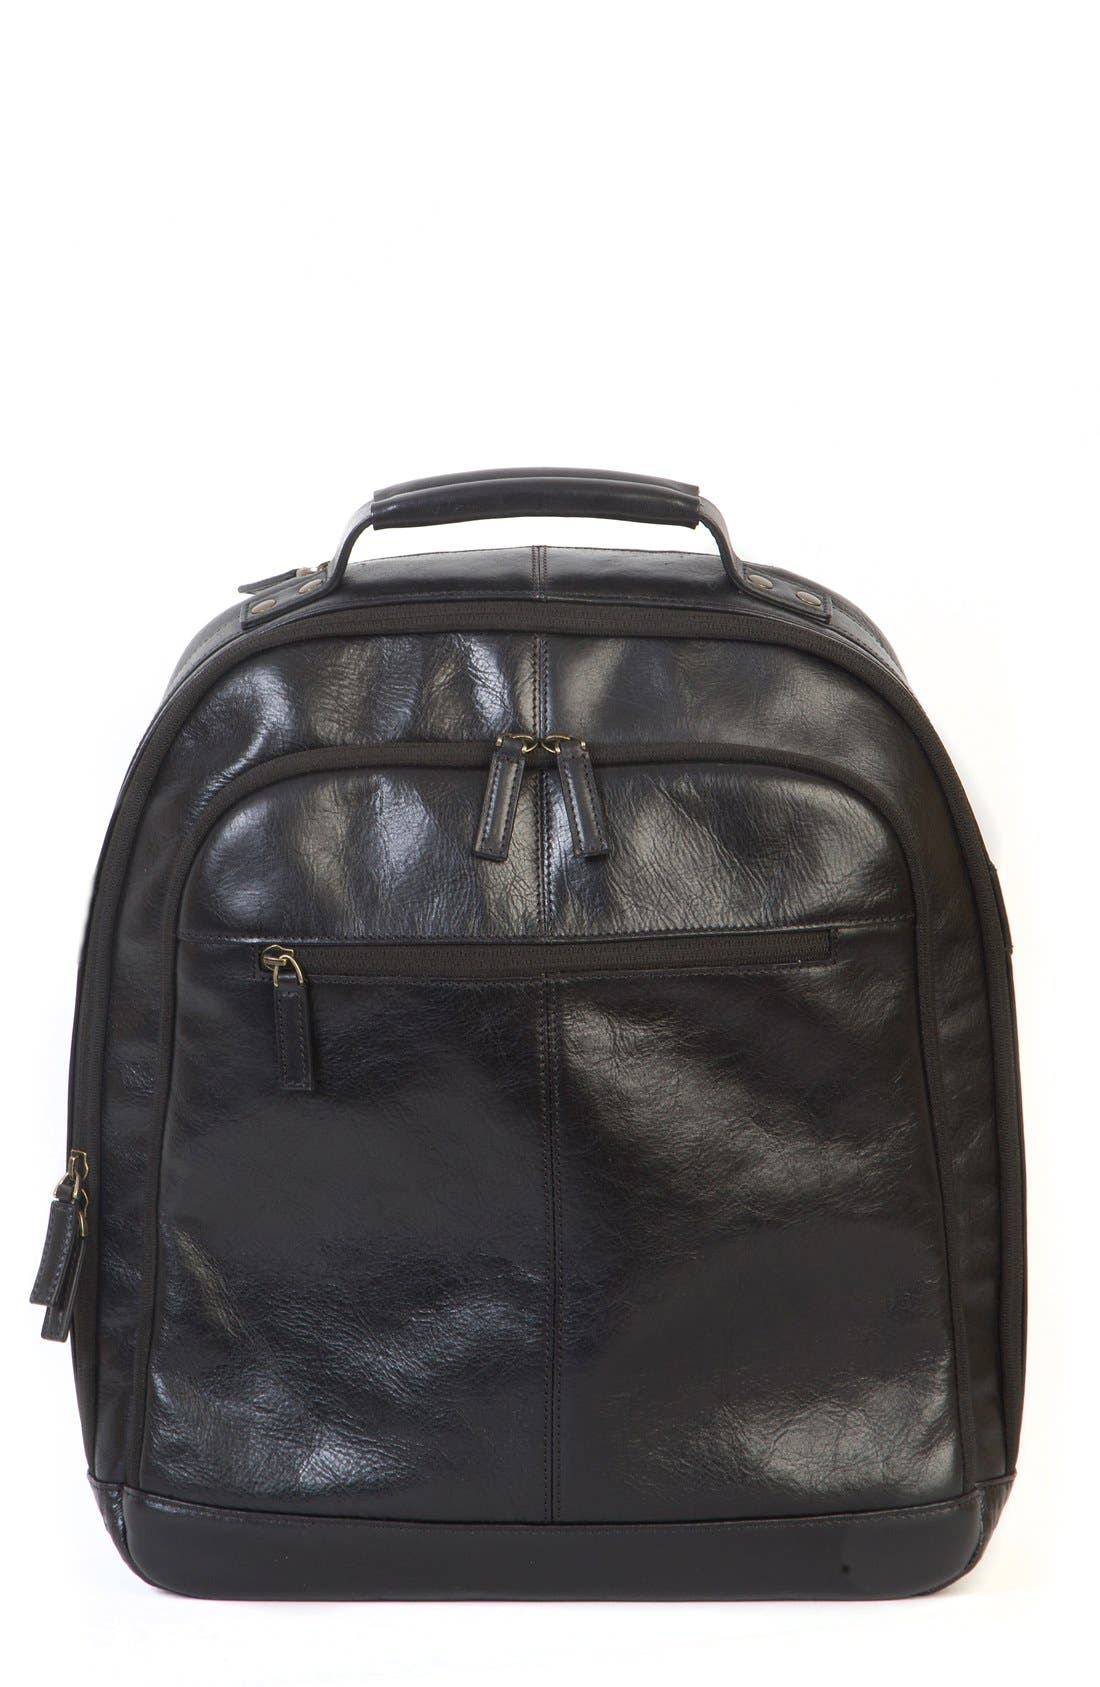 BOCONI Becker Leather Backpack